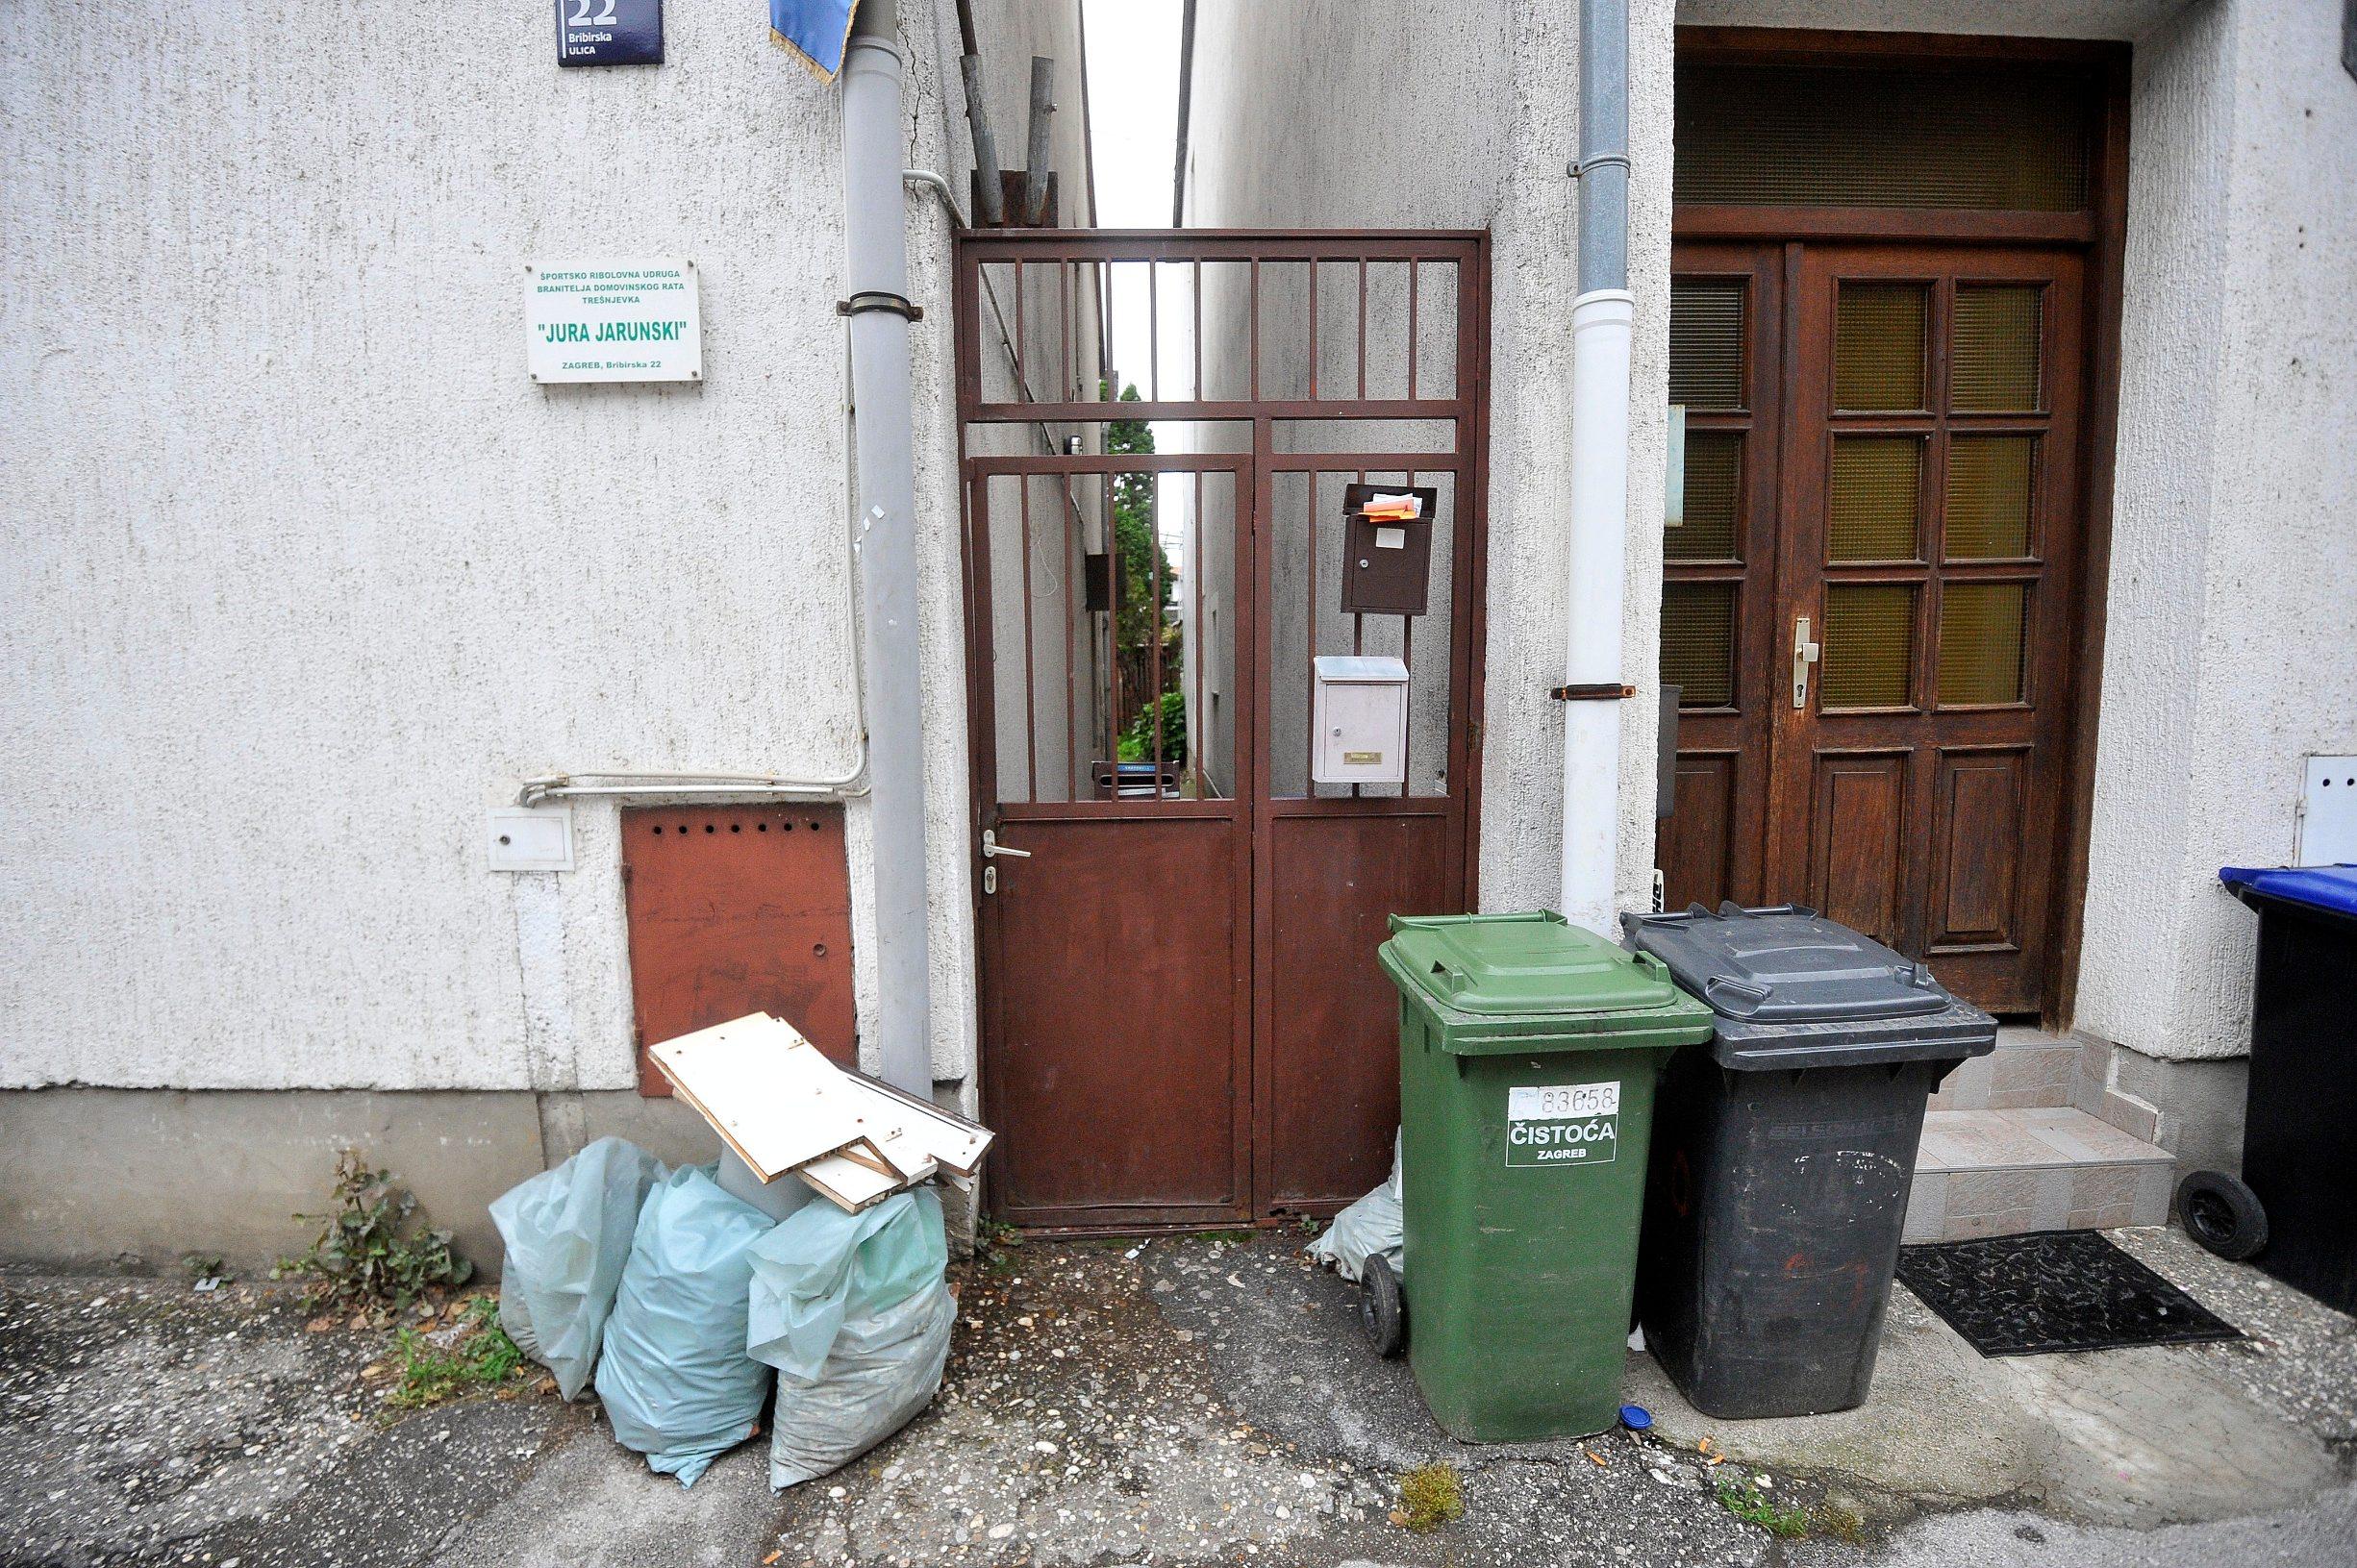 Zagreb, 270519. Bribirska 22. Izborni stozer Mislava Kolakusica. Na fotografiji: stozer. Foto: Damir Krajac / CROPIX